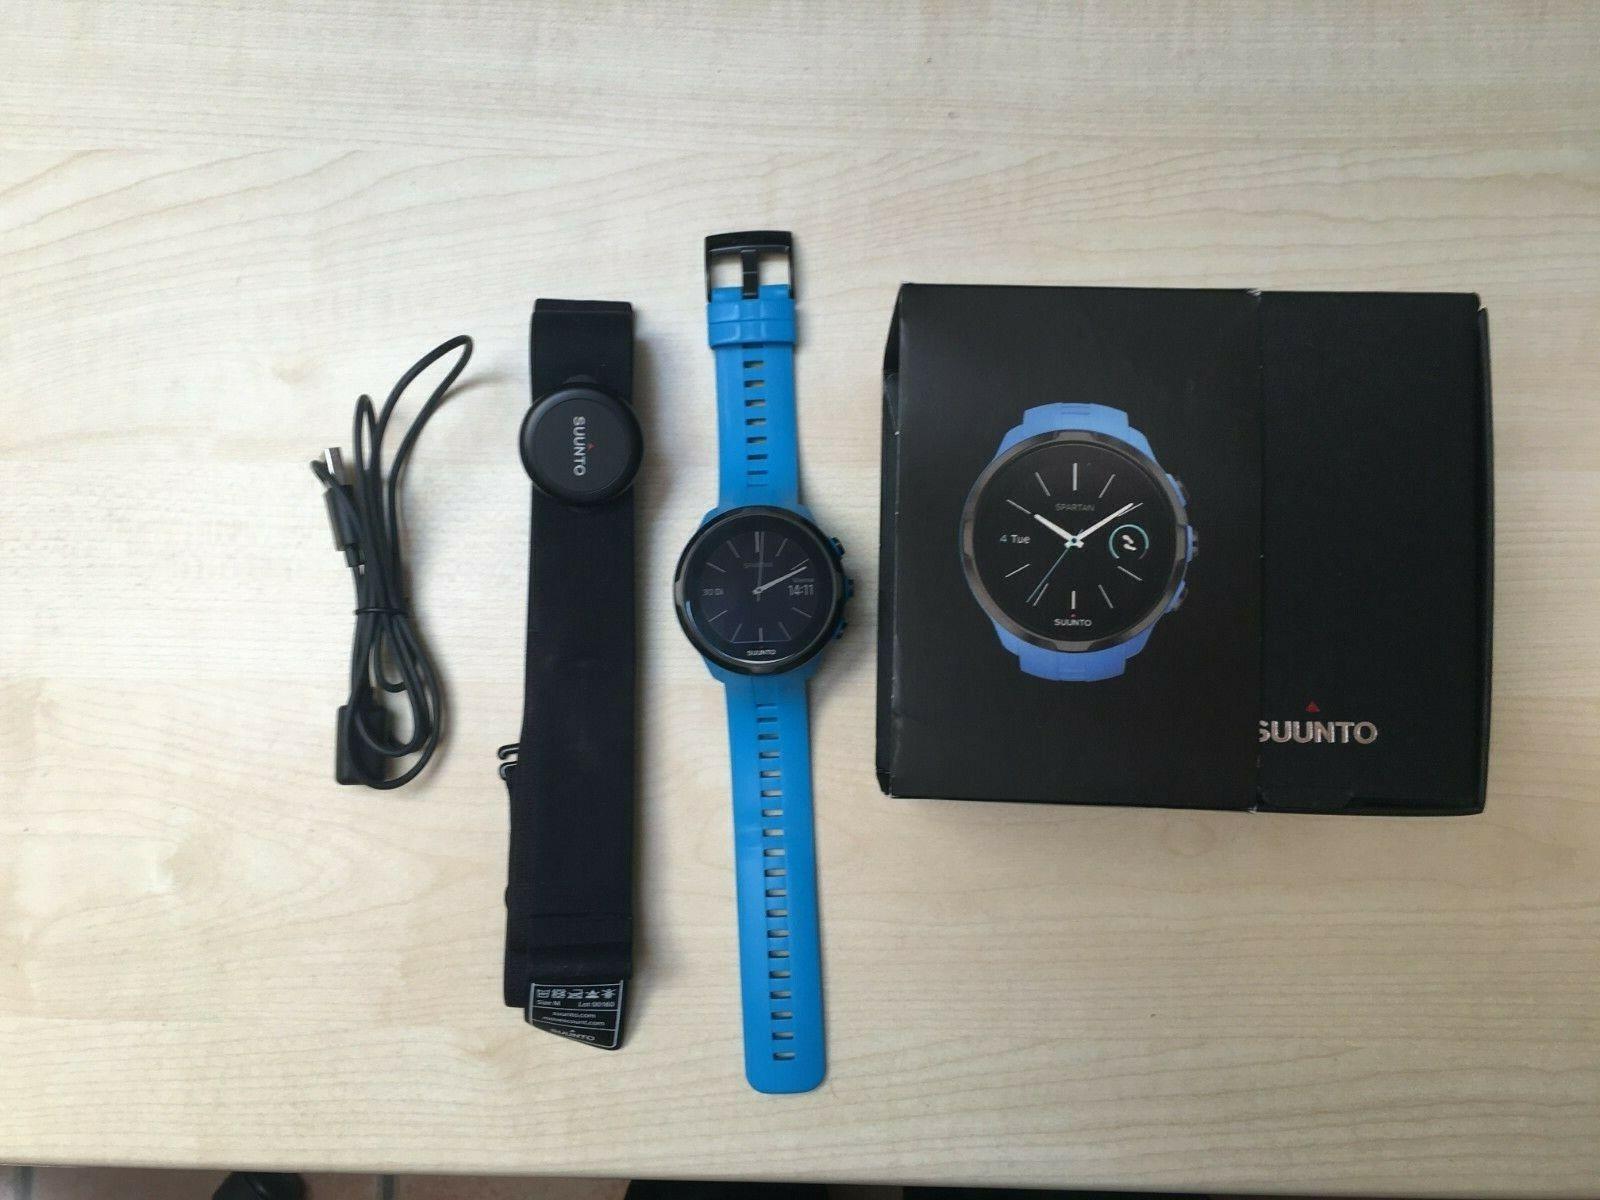 Suunto Spartan Sport Wirst HR Blue - Multifunktions GPS-Uhr